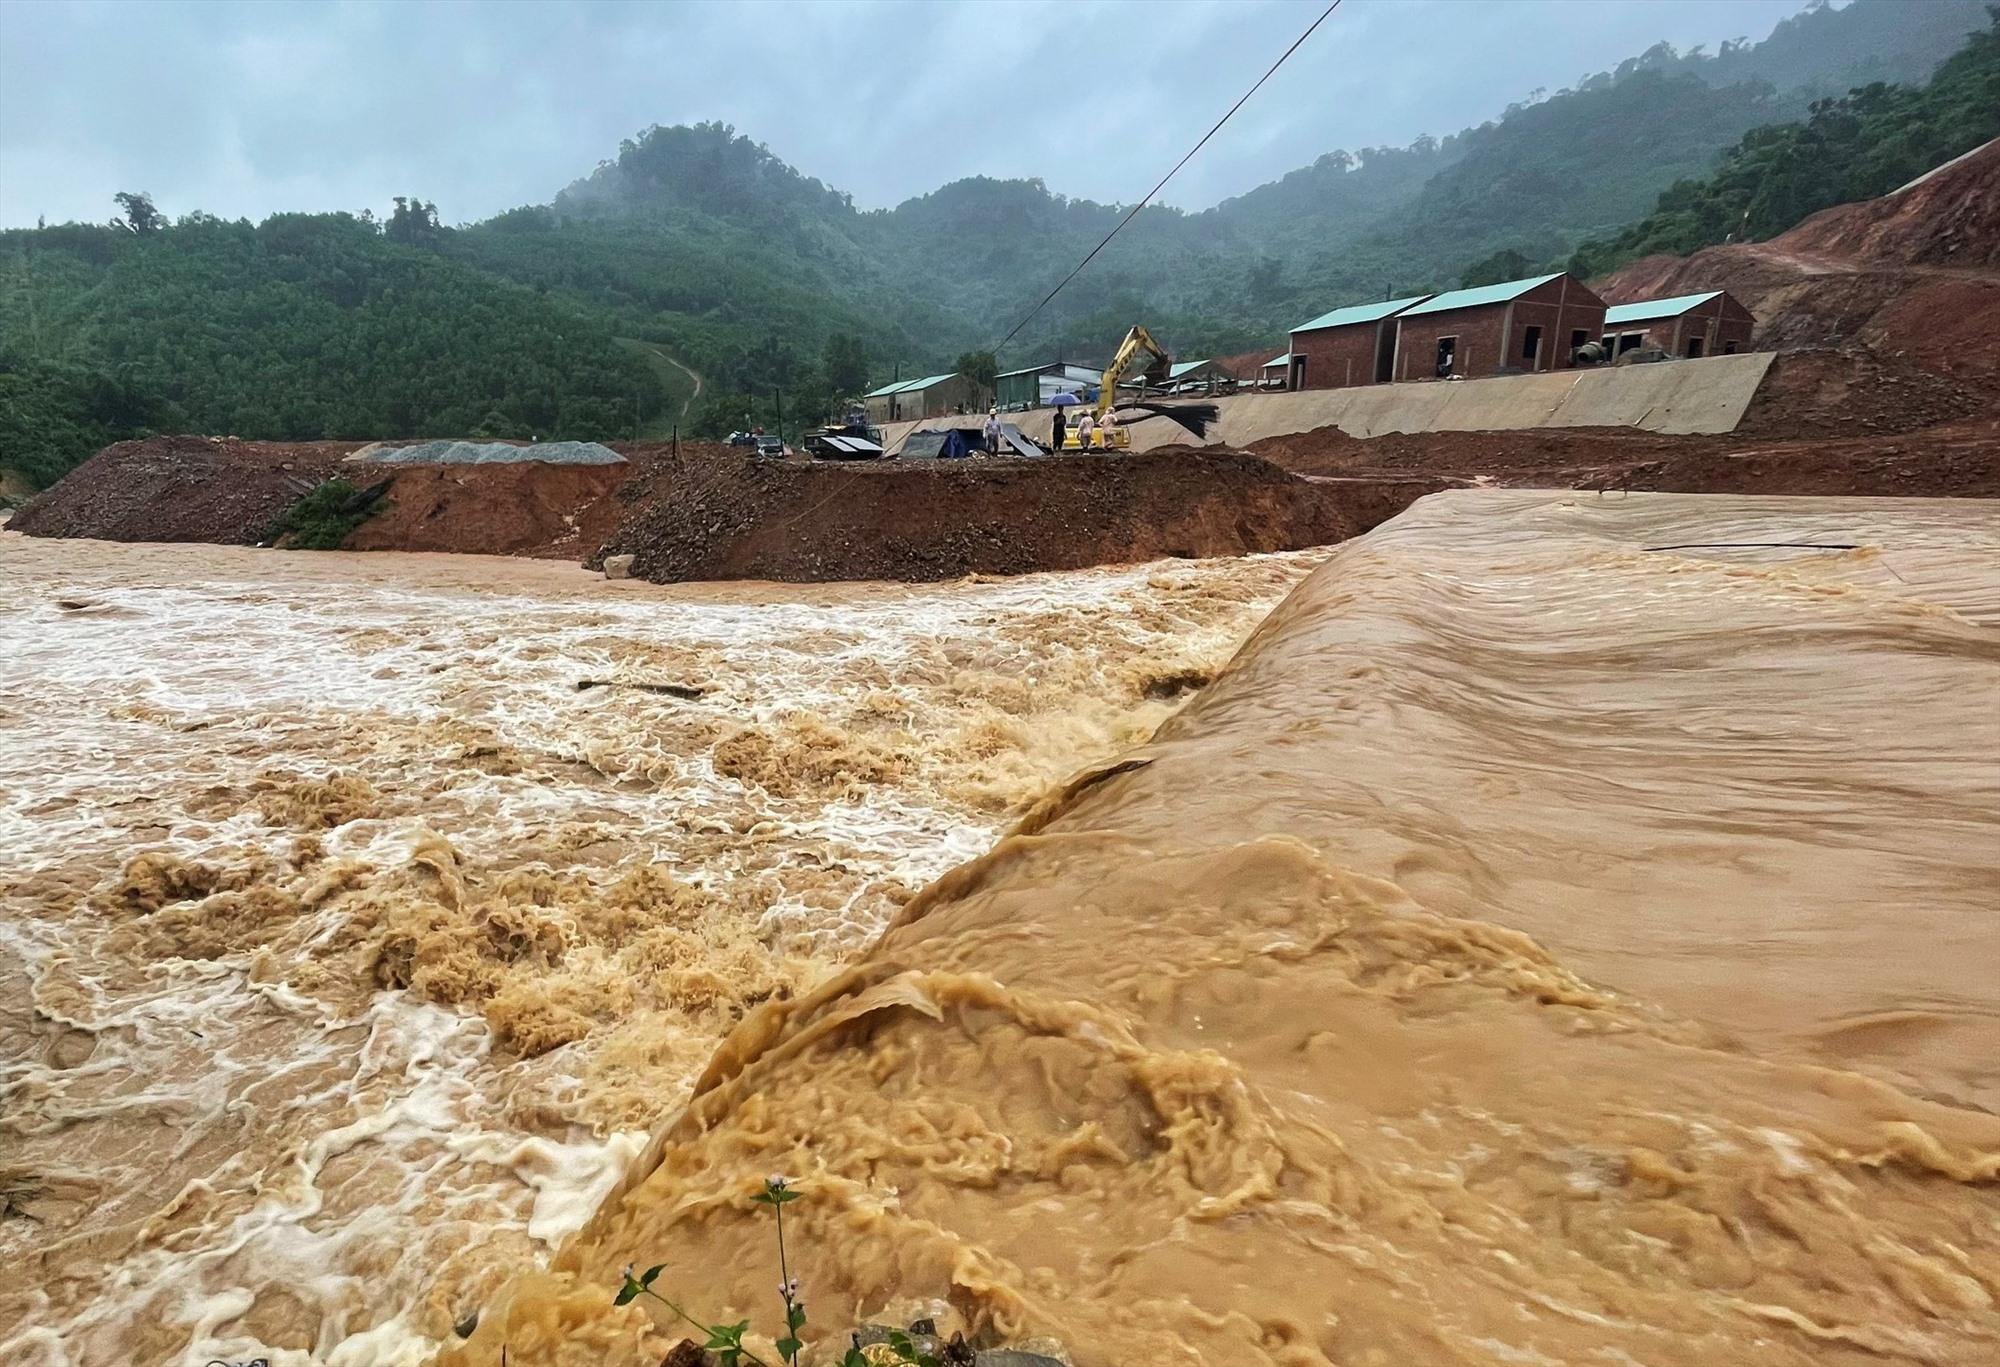 Đến sáng nay 12.9, nhiều điểm dân cư các xã Phước Kim, Phước Lộc vẫn còn bị lũ cô lập. Ảnh: CTV